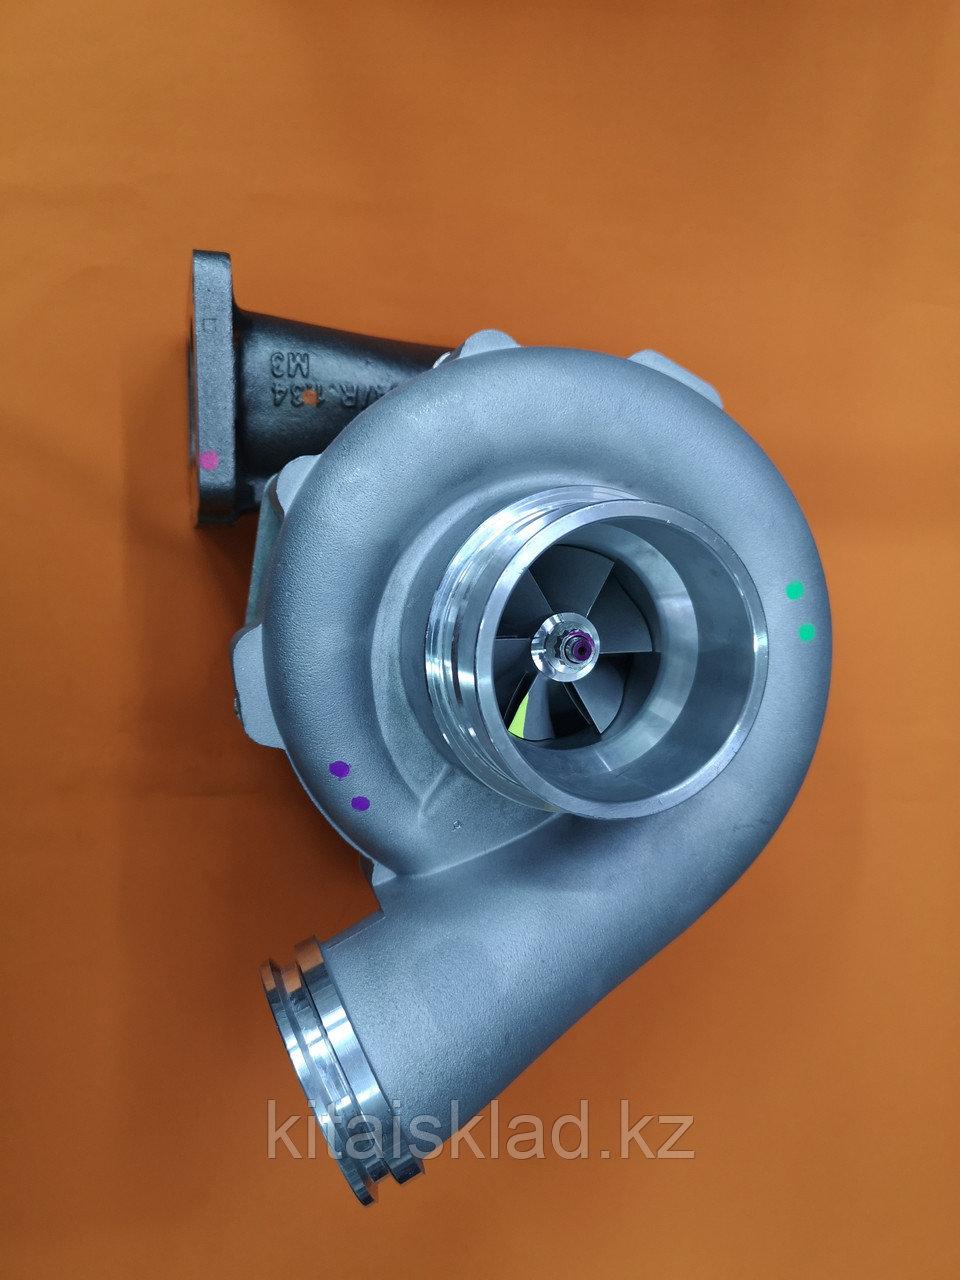 Турбина VOLVO 466076-0020, Holset 3526008